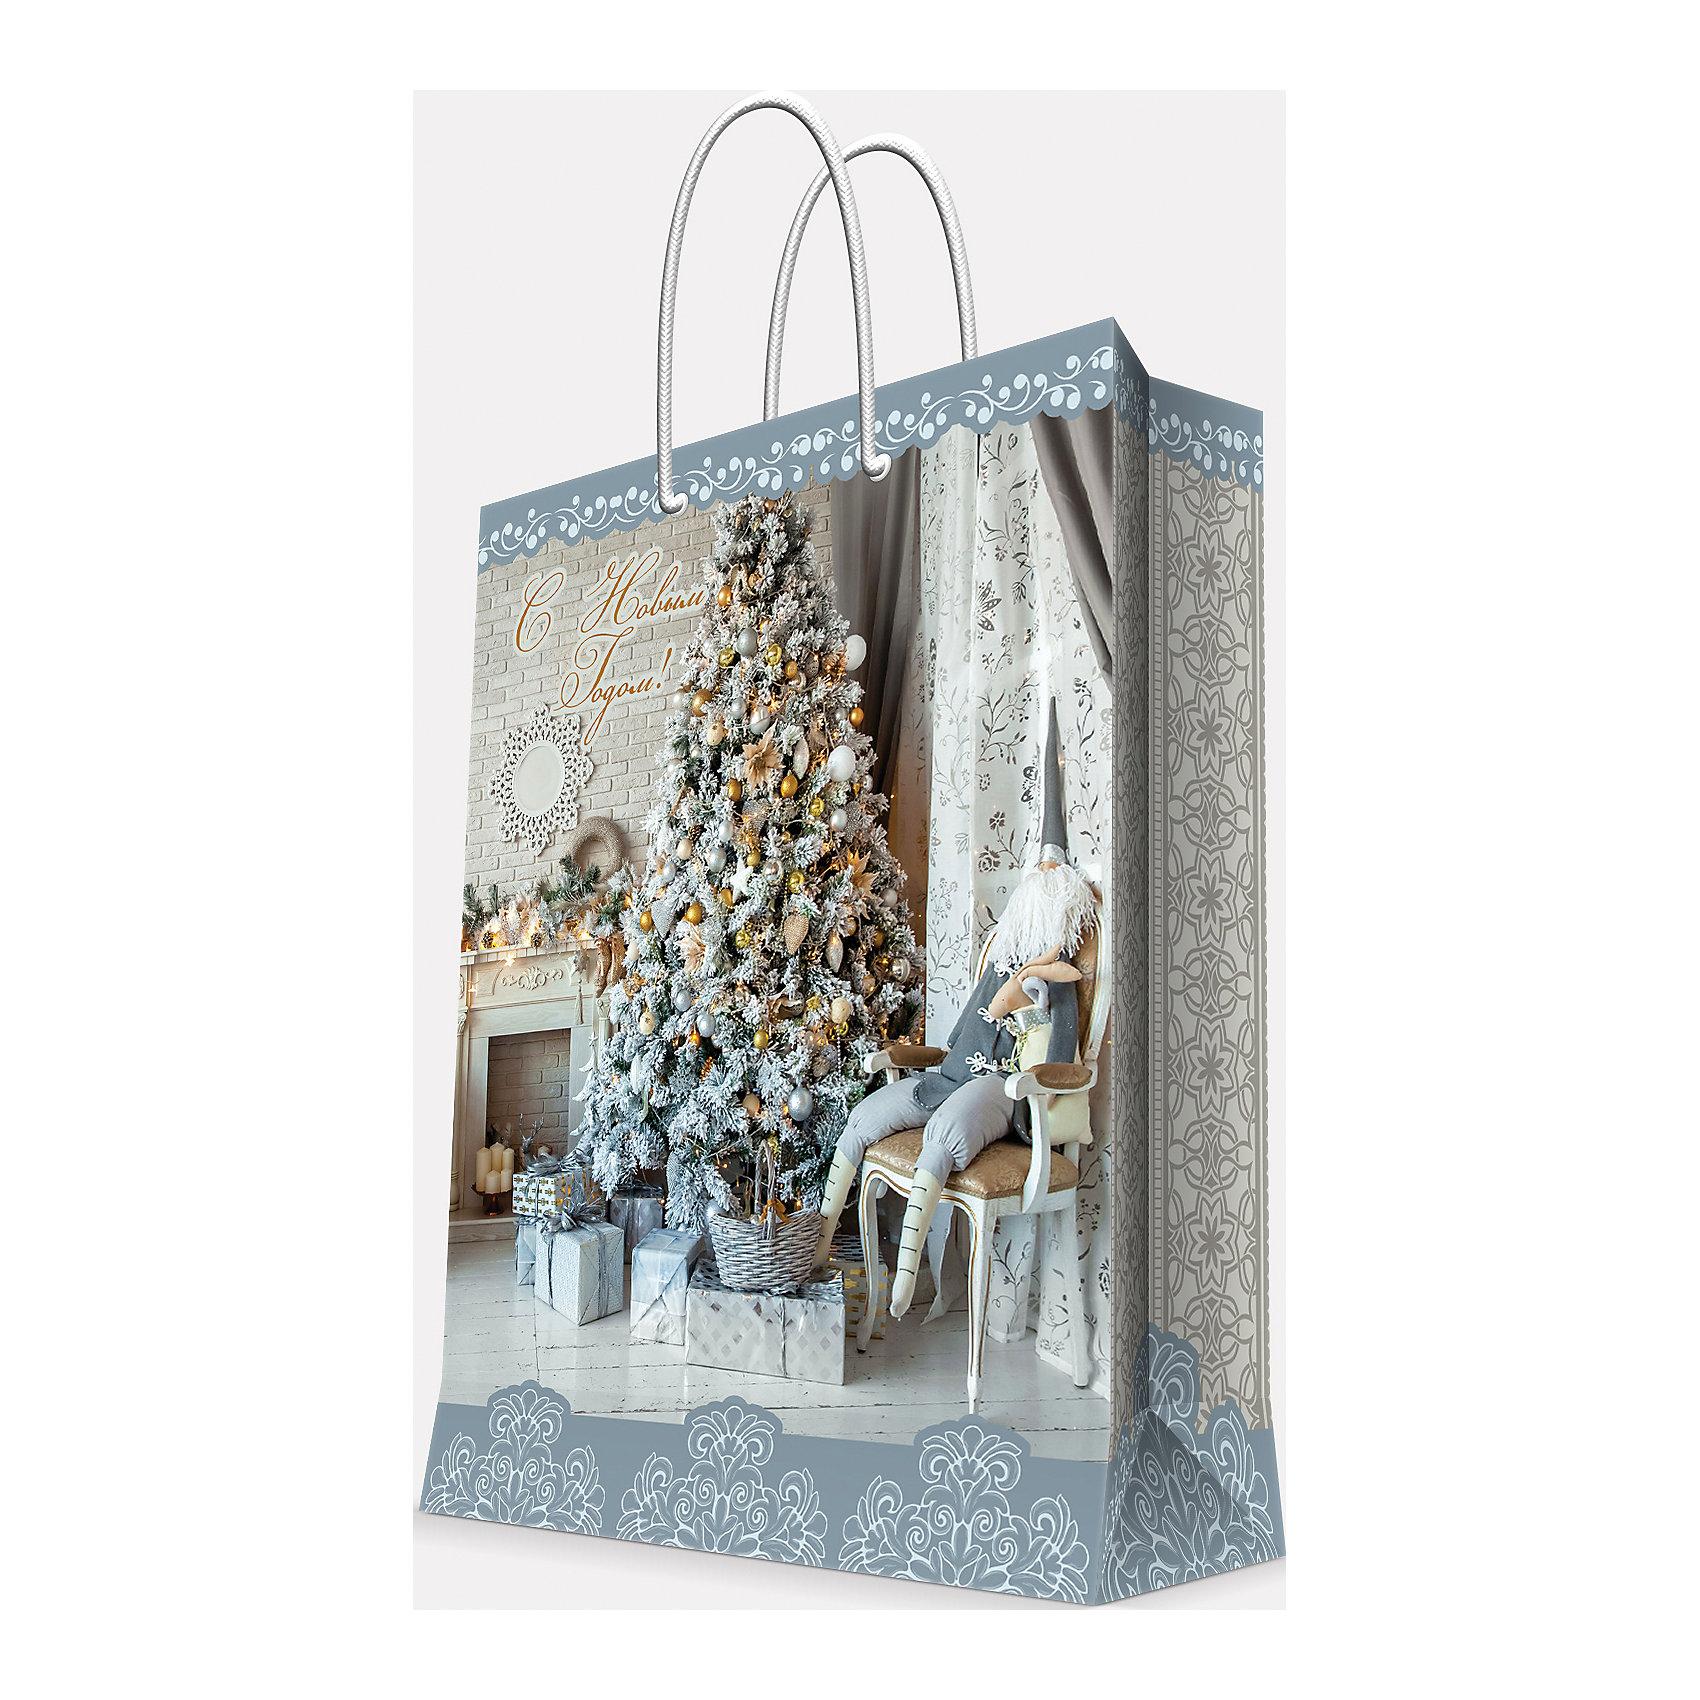 Подарочный пакет Елка у камина 17,8*22,9*9,8Предновогодние хлопоты многие любят даже больше самого праздника! Праздничное настроение создает украшенный дом, наряженная ёлка, запах мандаринов, предновогодняя суета и, конечно же, подарки! Чтобы сделать момент вручения приятнее, нужен красивый подарочный пакет.<br>Этот пакет украшен симпатичным универсальным рисунком, поэтому в него можно упаковать подарок и родственнику, и коллеге. Он сделан из безопасного для детей, прочного, но легкого, материала. Создайте с ним праздничное настроение себе и близким!<br><br>Дополнительная информация:<br><br>плотность бумаги: 140 г/м2;<br>размер: 18 х 23 х 10 см;<br>с ламинацией;<br>украшен рисунком.<br><br>Подарочный пакет Елка у камина 17,8*22,9*9,8 см можно купить в нашем магазине.<br><br>Ширина мм: 178<br>Глубина мм: 229<br>Высота мм: 98<br>Вес г: 39<br>Возраст от месяцев: 36<br>Возраст до месяцев: 2147483647<br>Пол: Унисекс<br>Возраст: Детский<br>SKU: 4981590